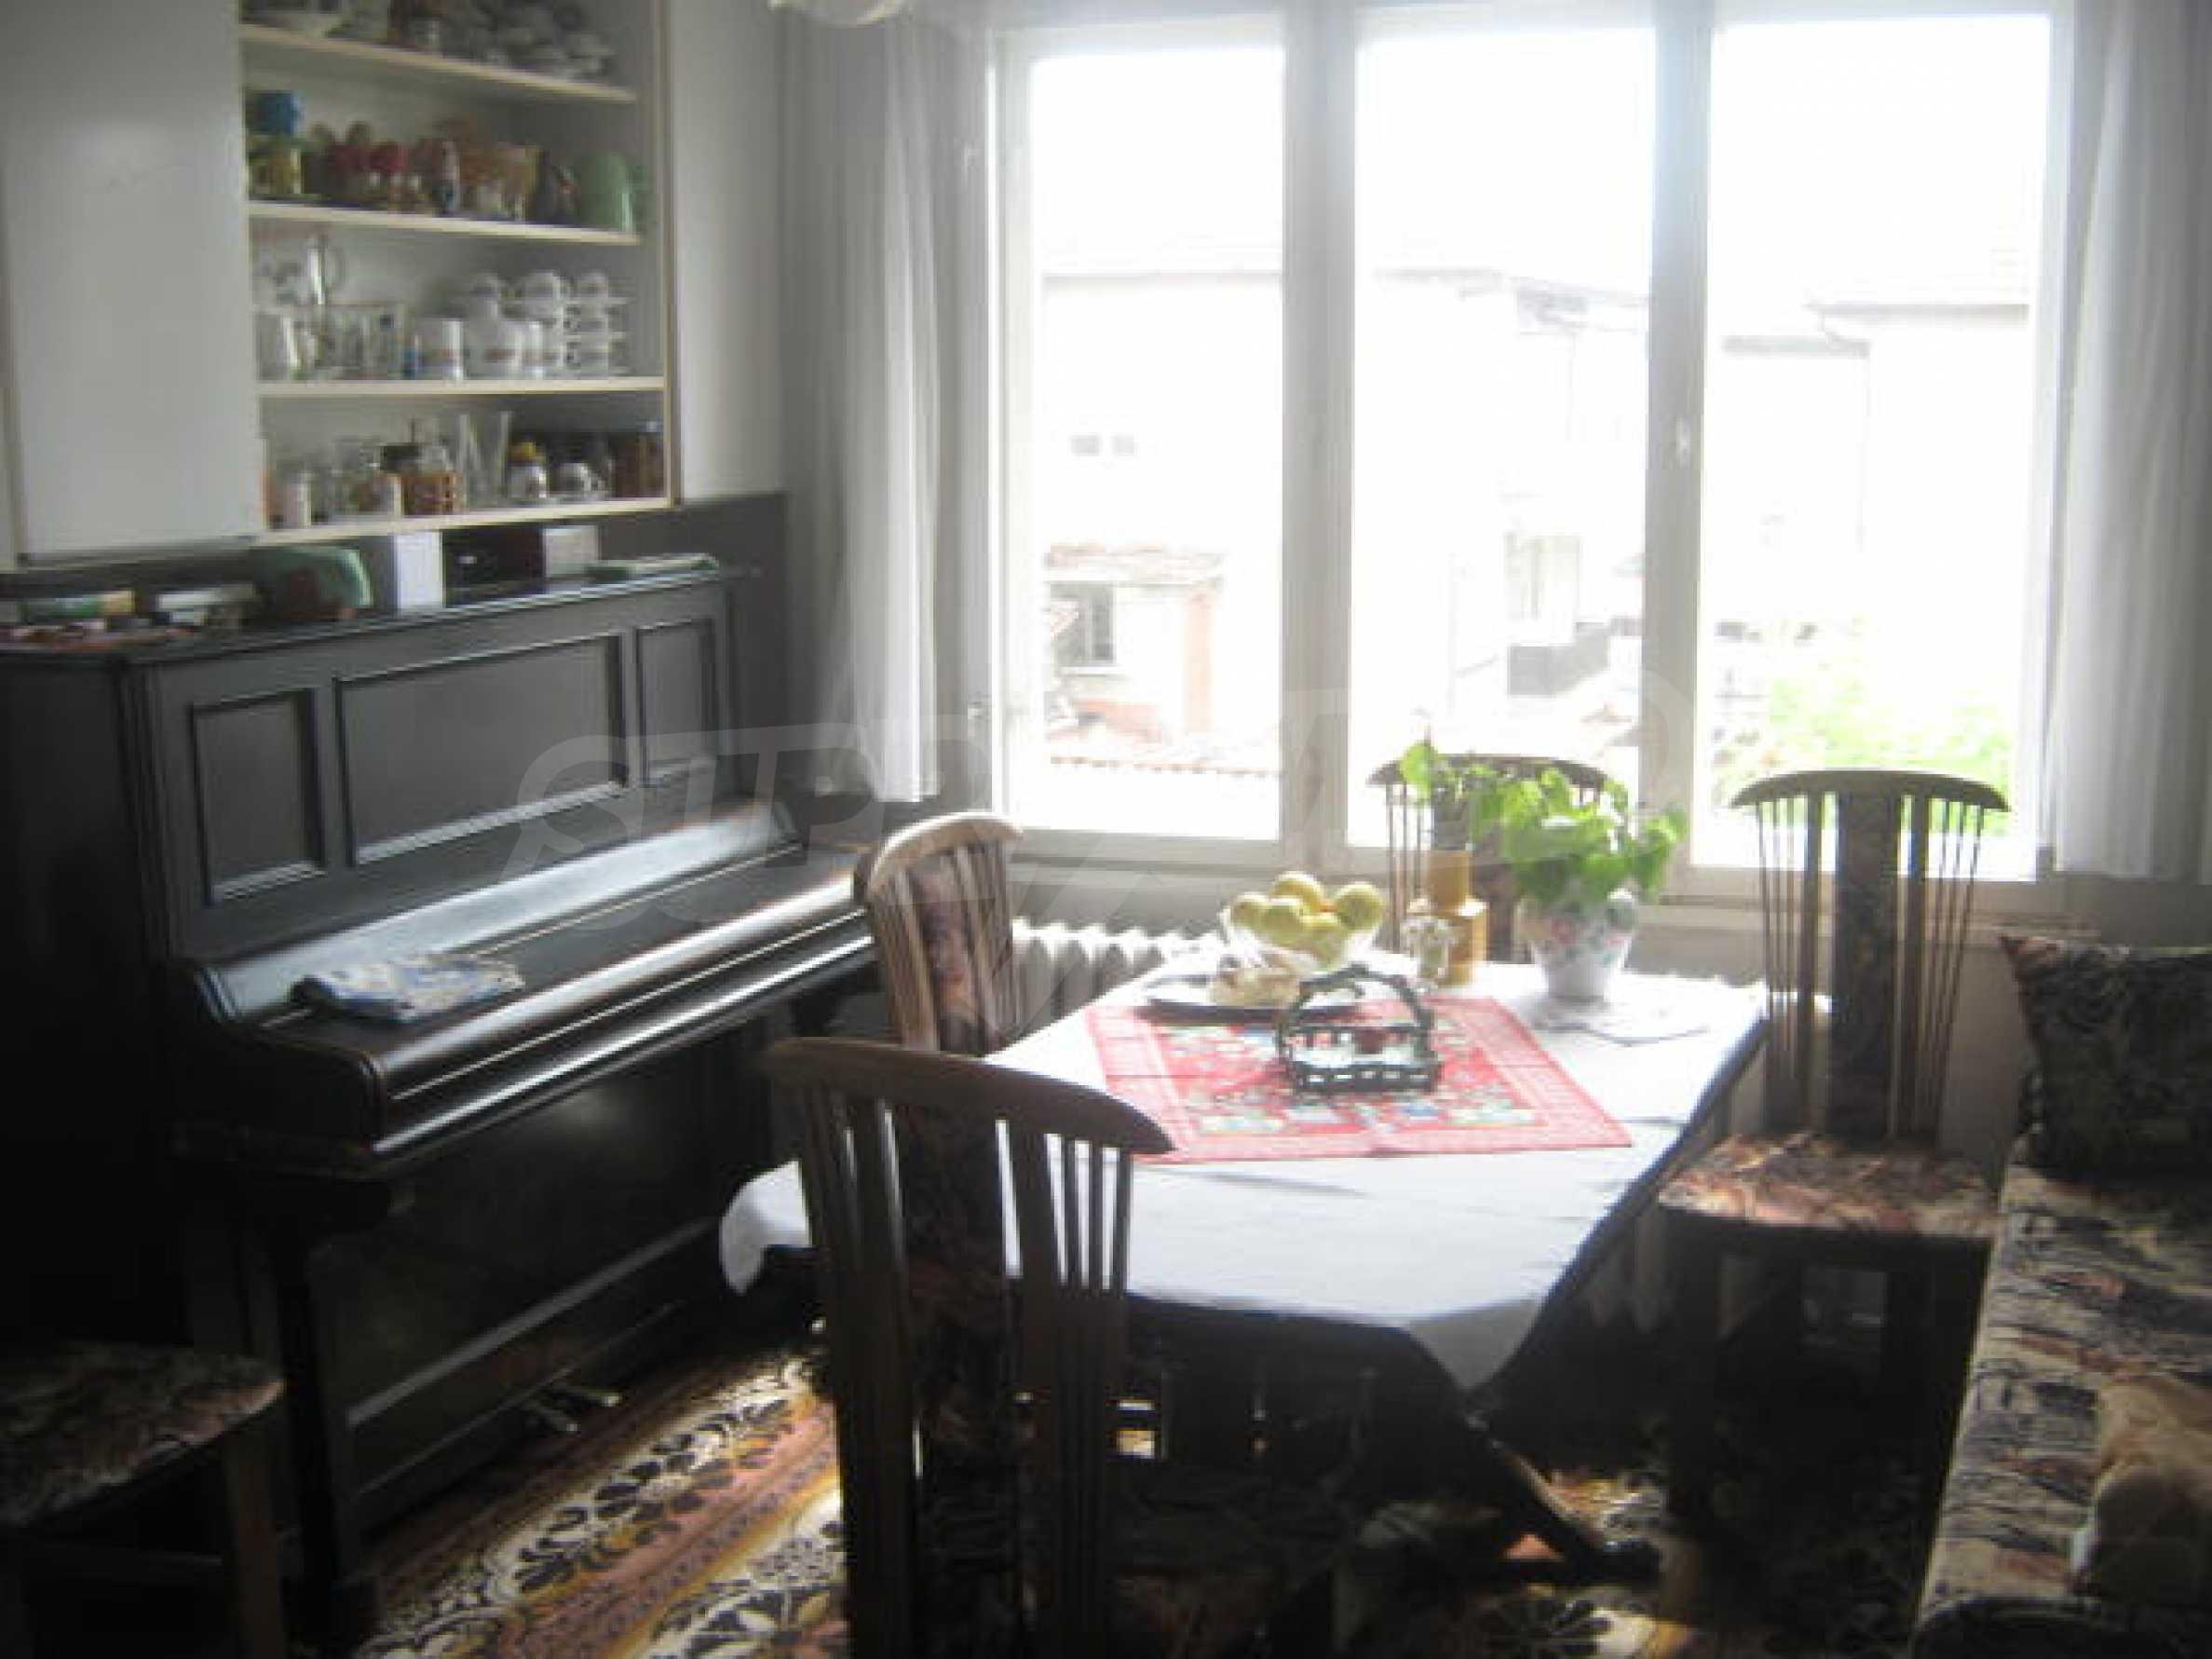 Продажа этажа дома в г. Видин 11